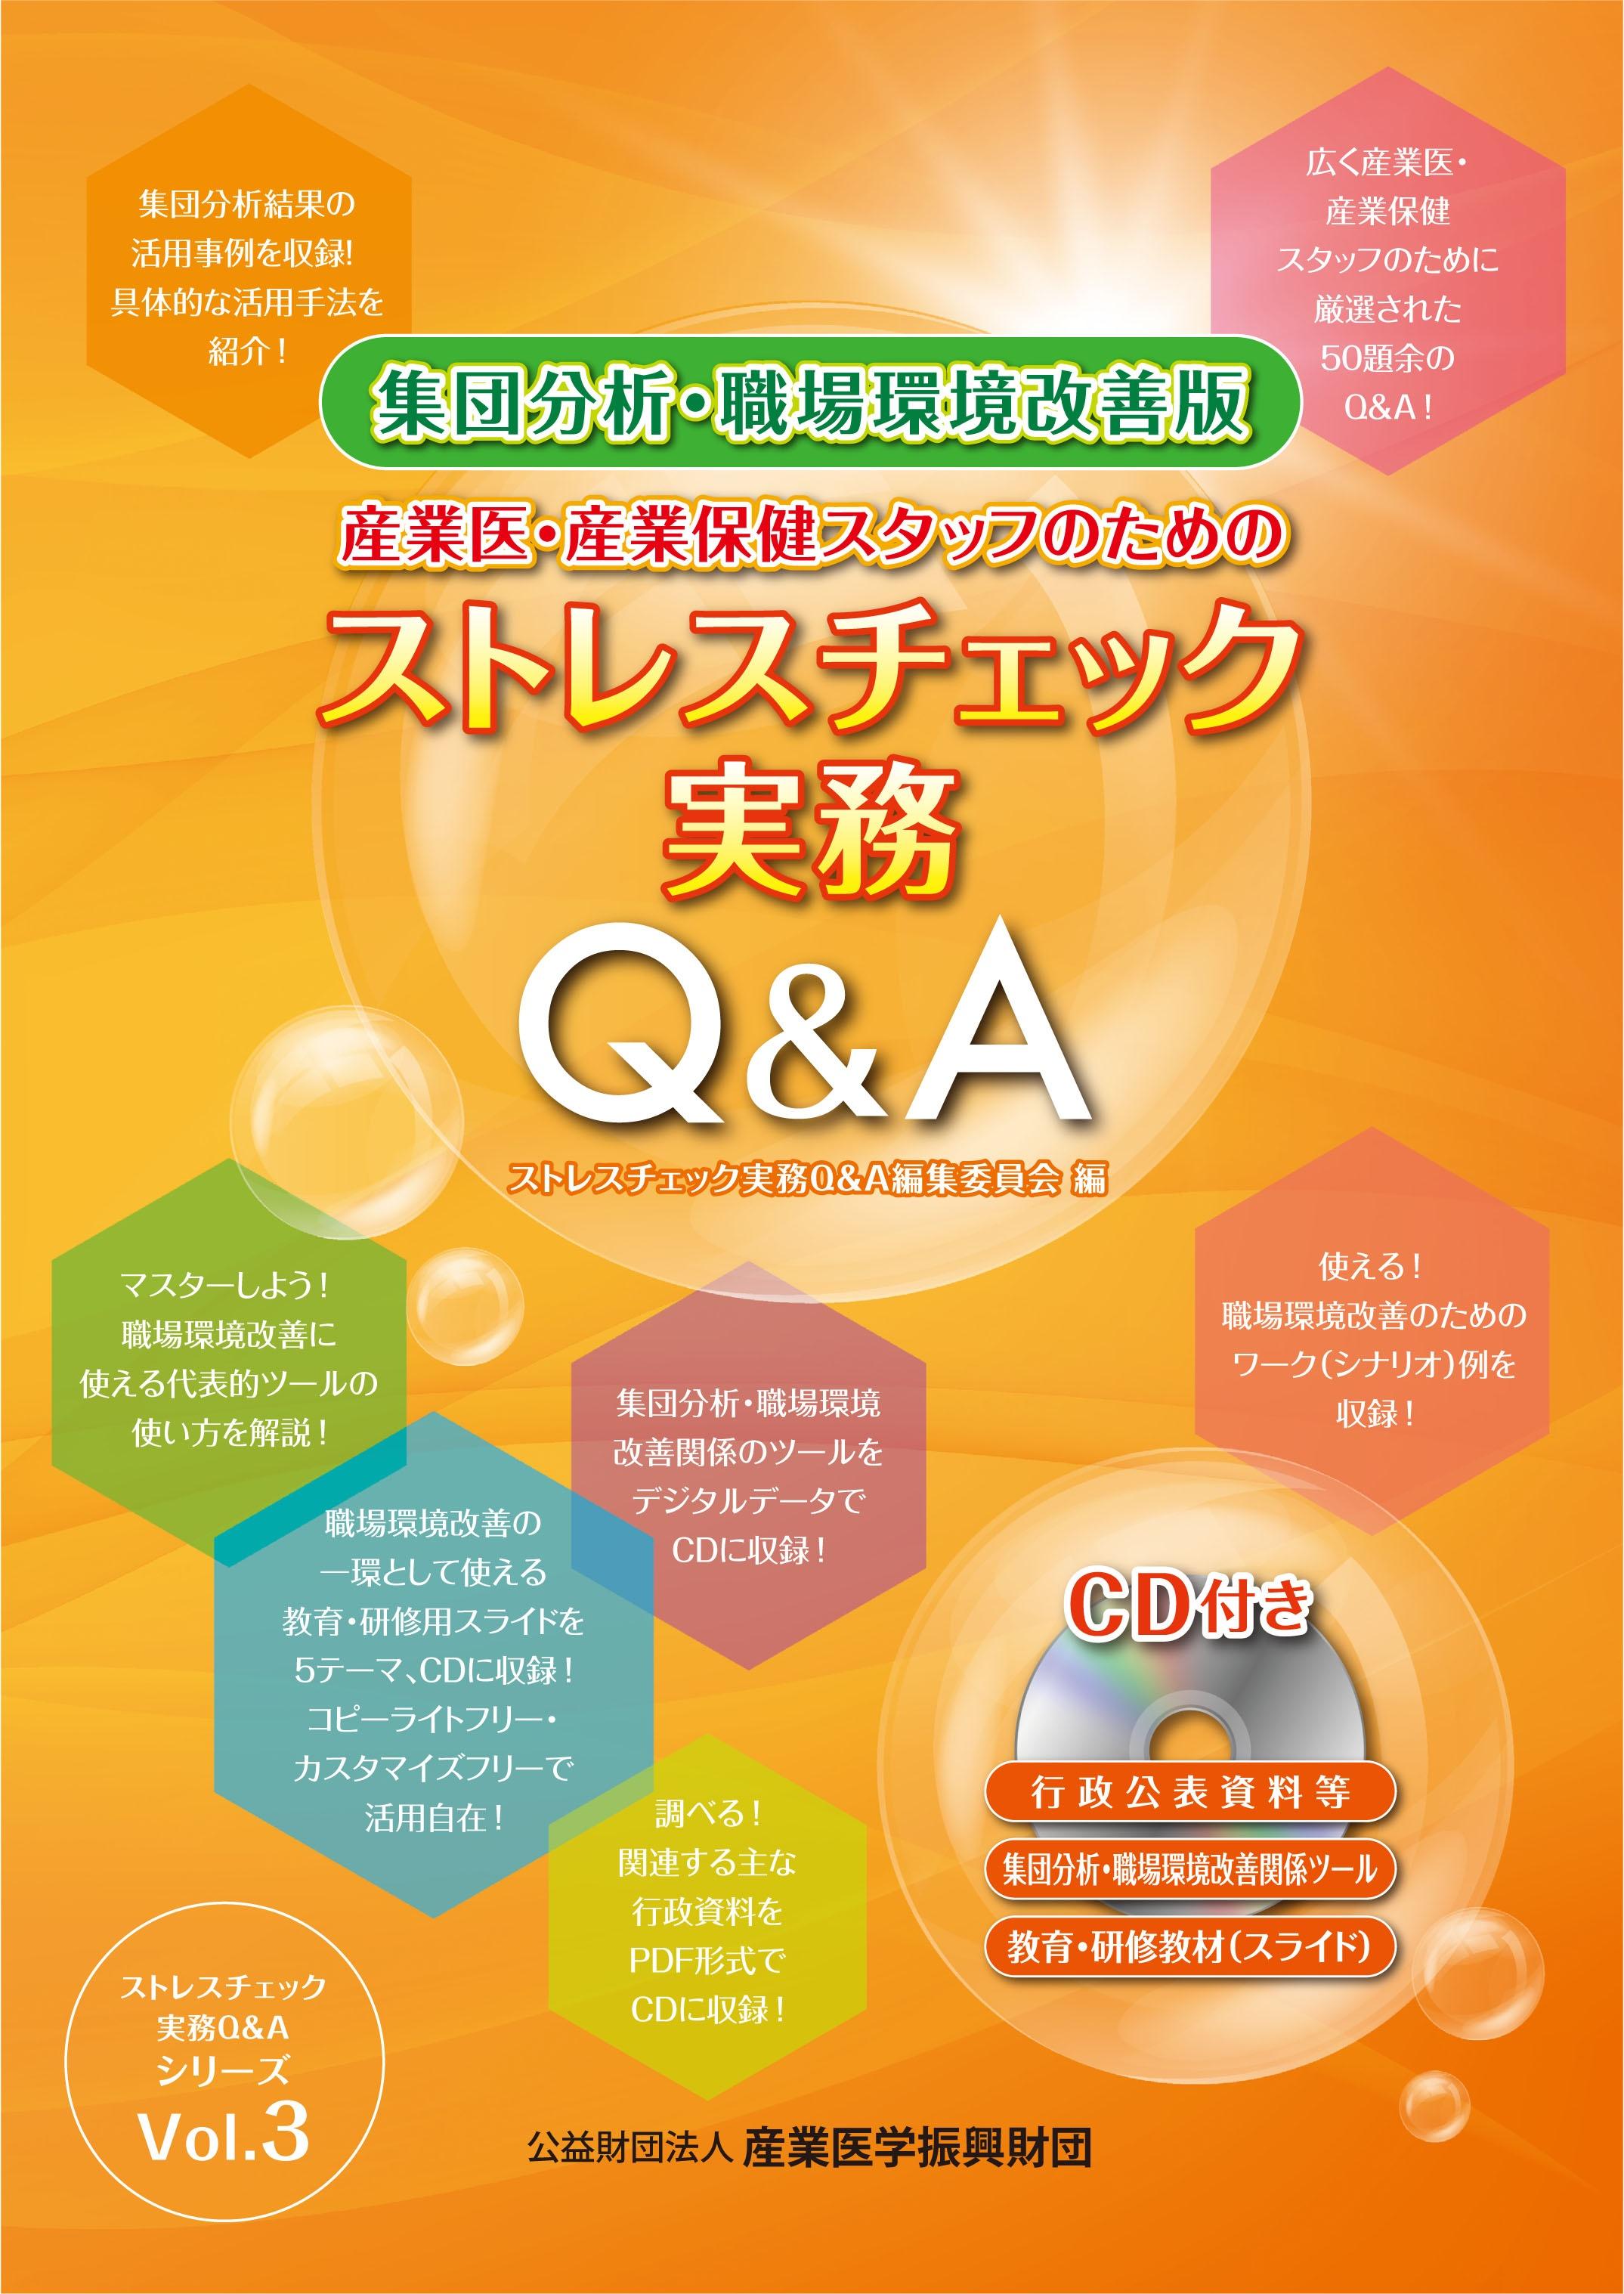 集団分析・職場環境改善版 産業医・産業保健スタッフのための ストレスチェック実務Q&A